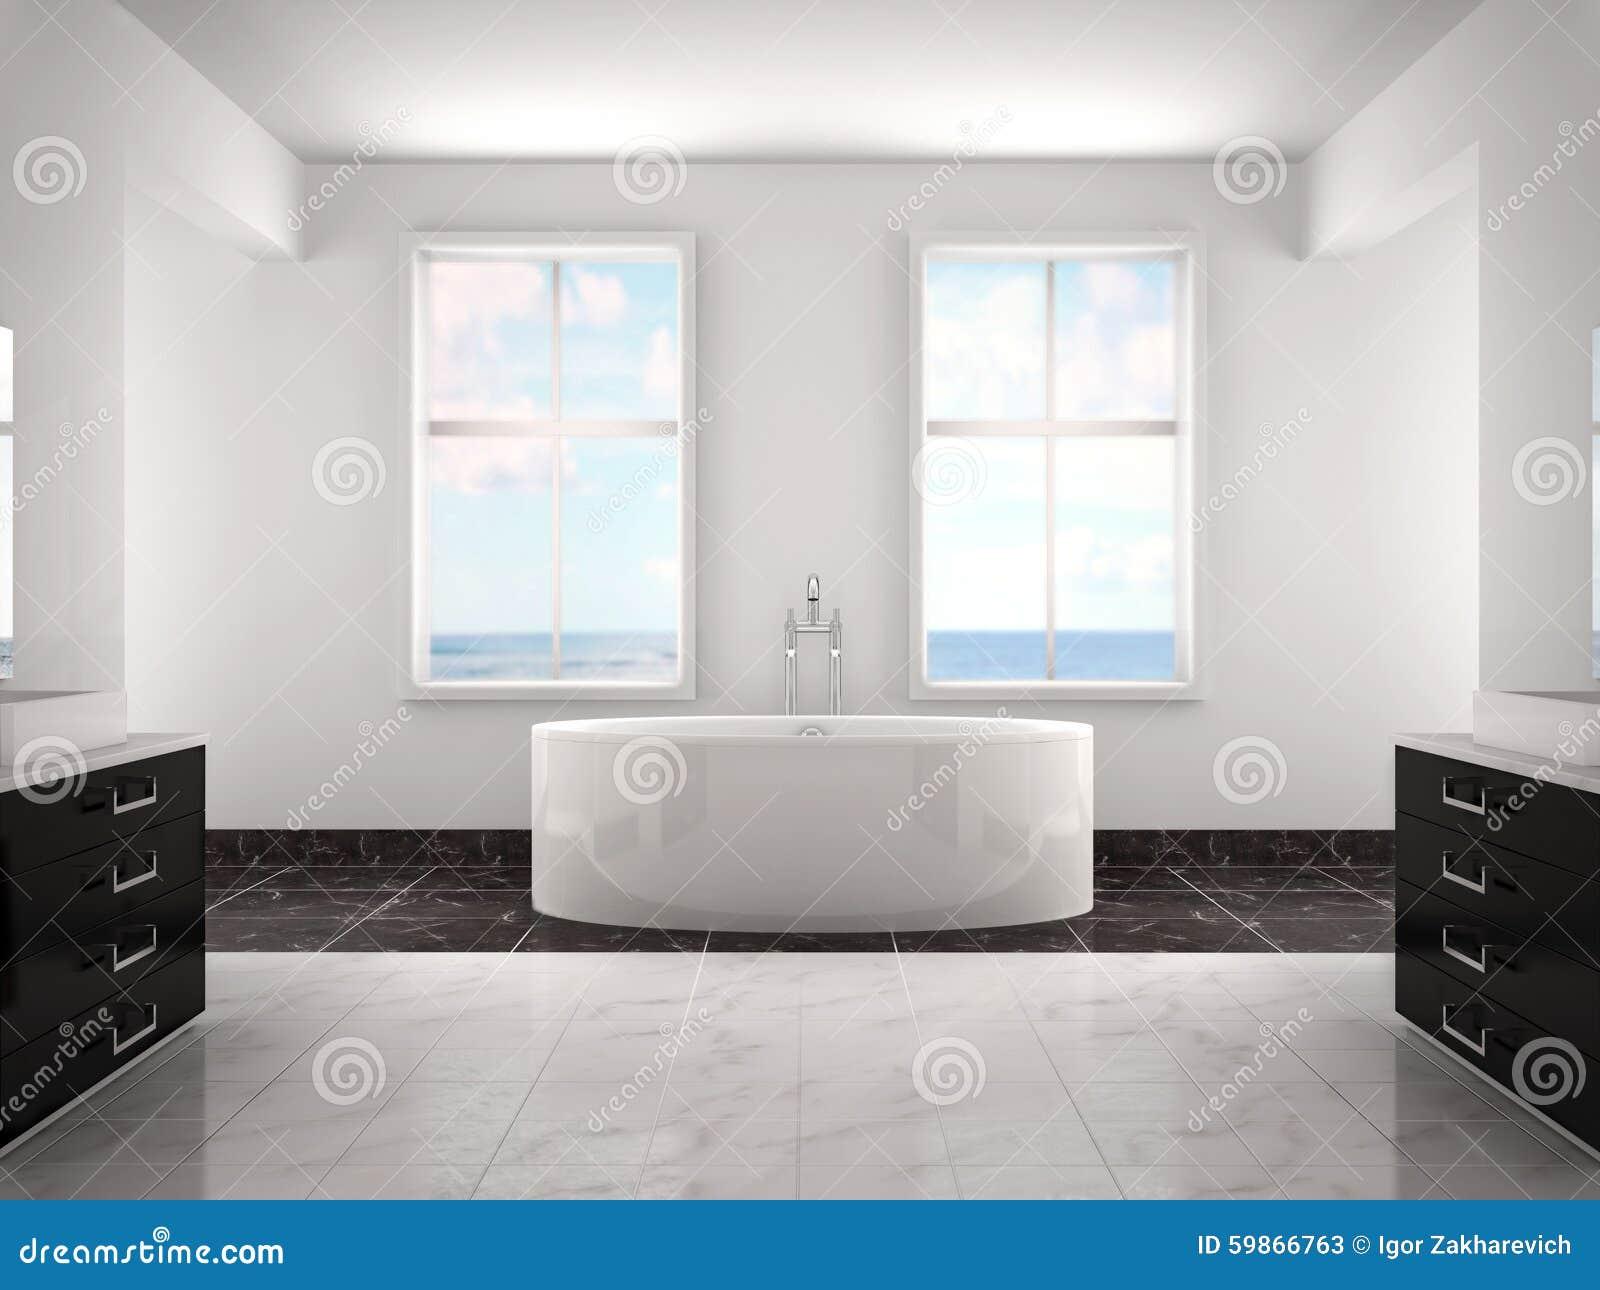 Beautiful salle de bain moderne blanche images for Salle de bain de luxe moderne